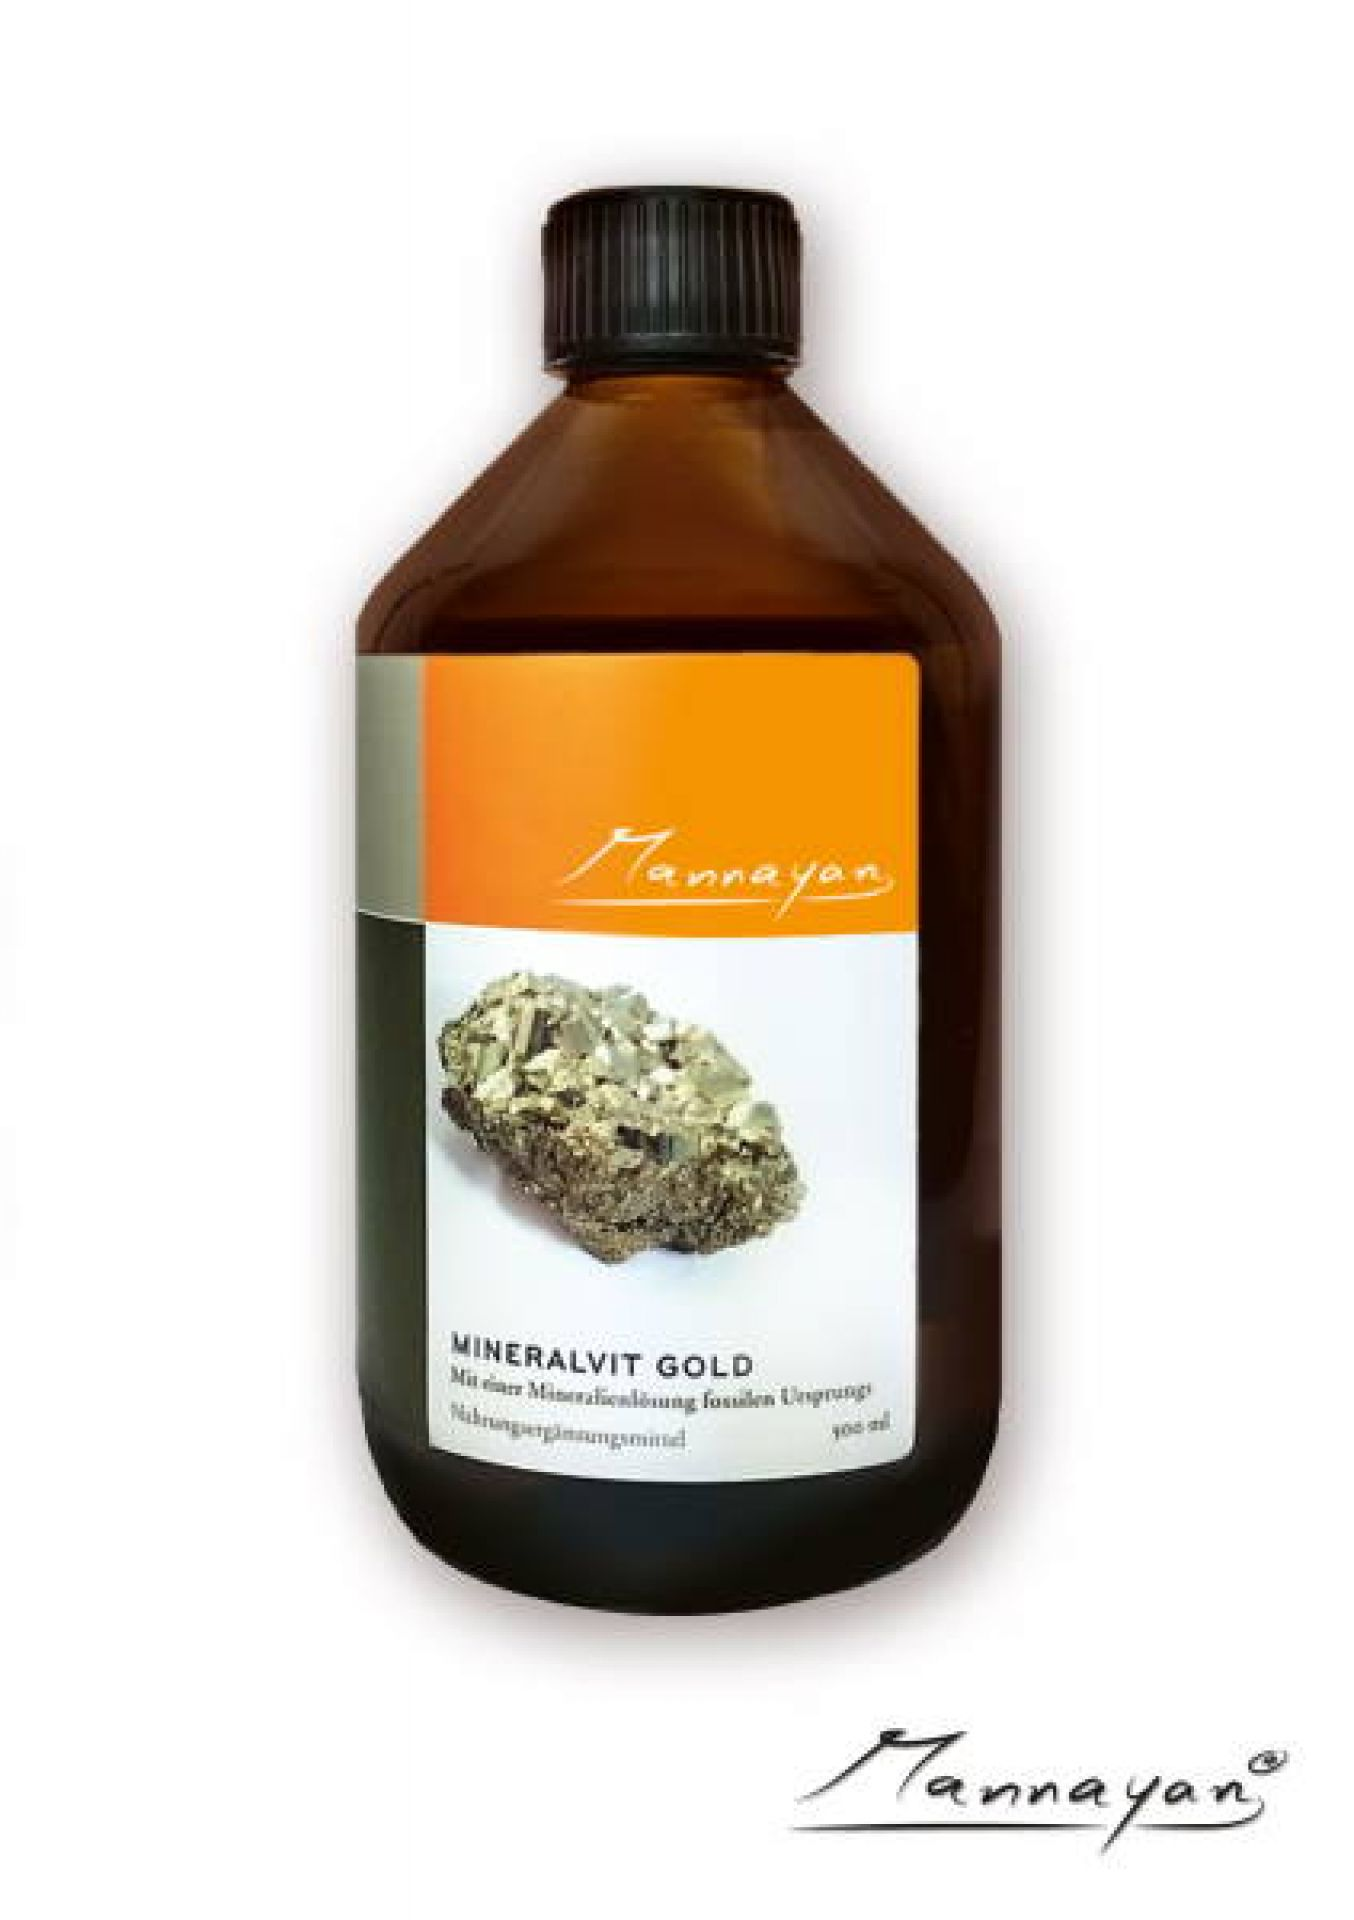 Mineralvit-GOLD 500 ml von Mannayan